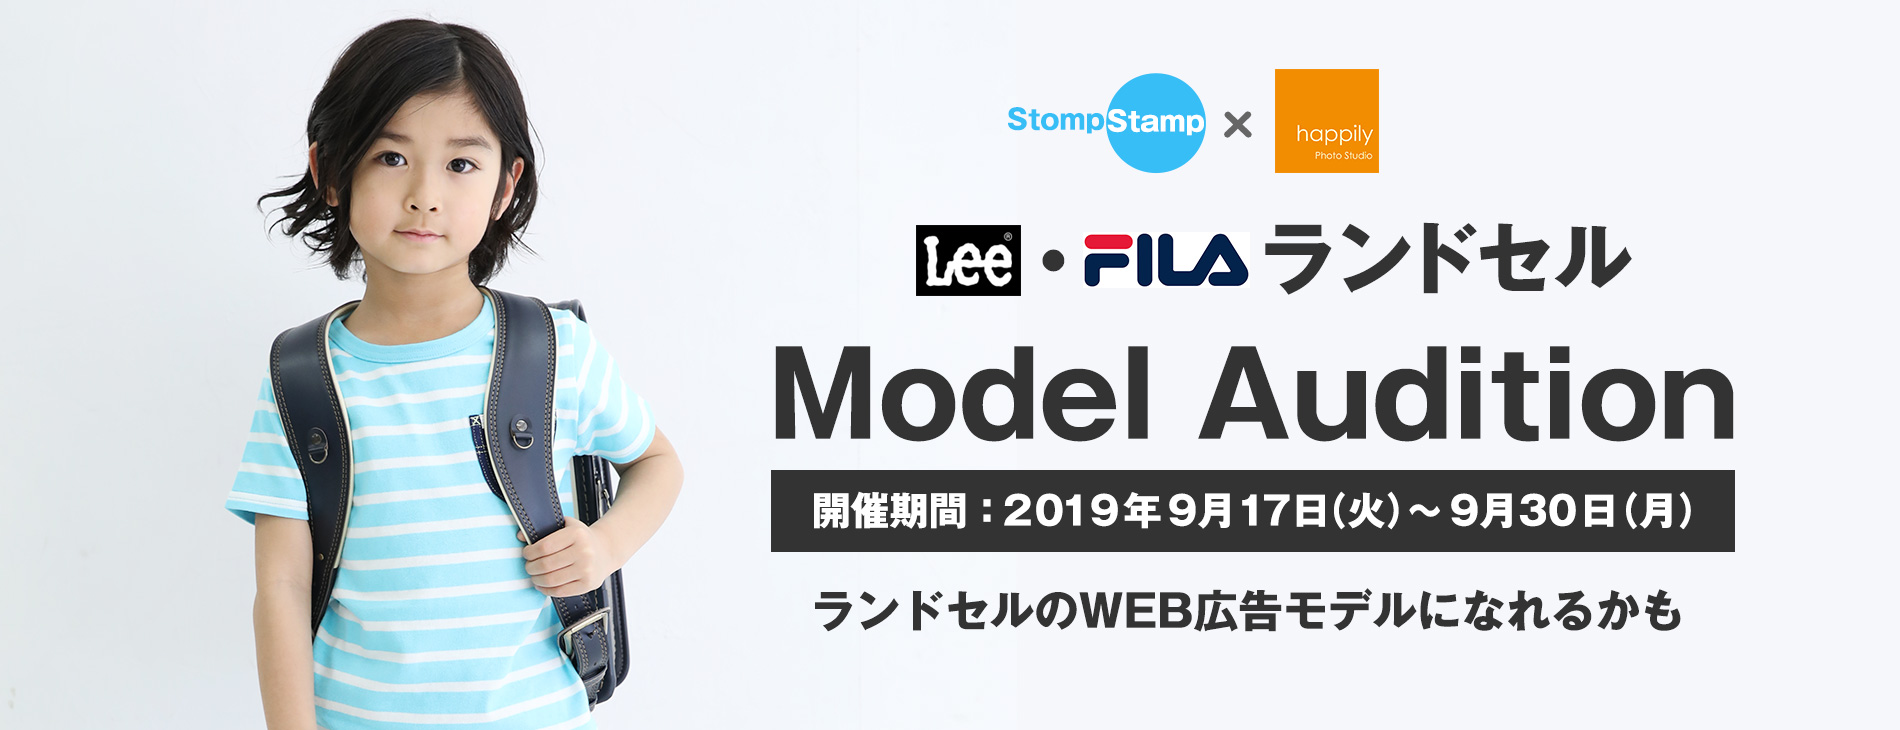 StompStamp×【LEE】【FILA】コラボランドセルモデルオーディション